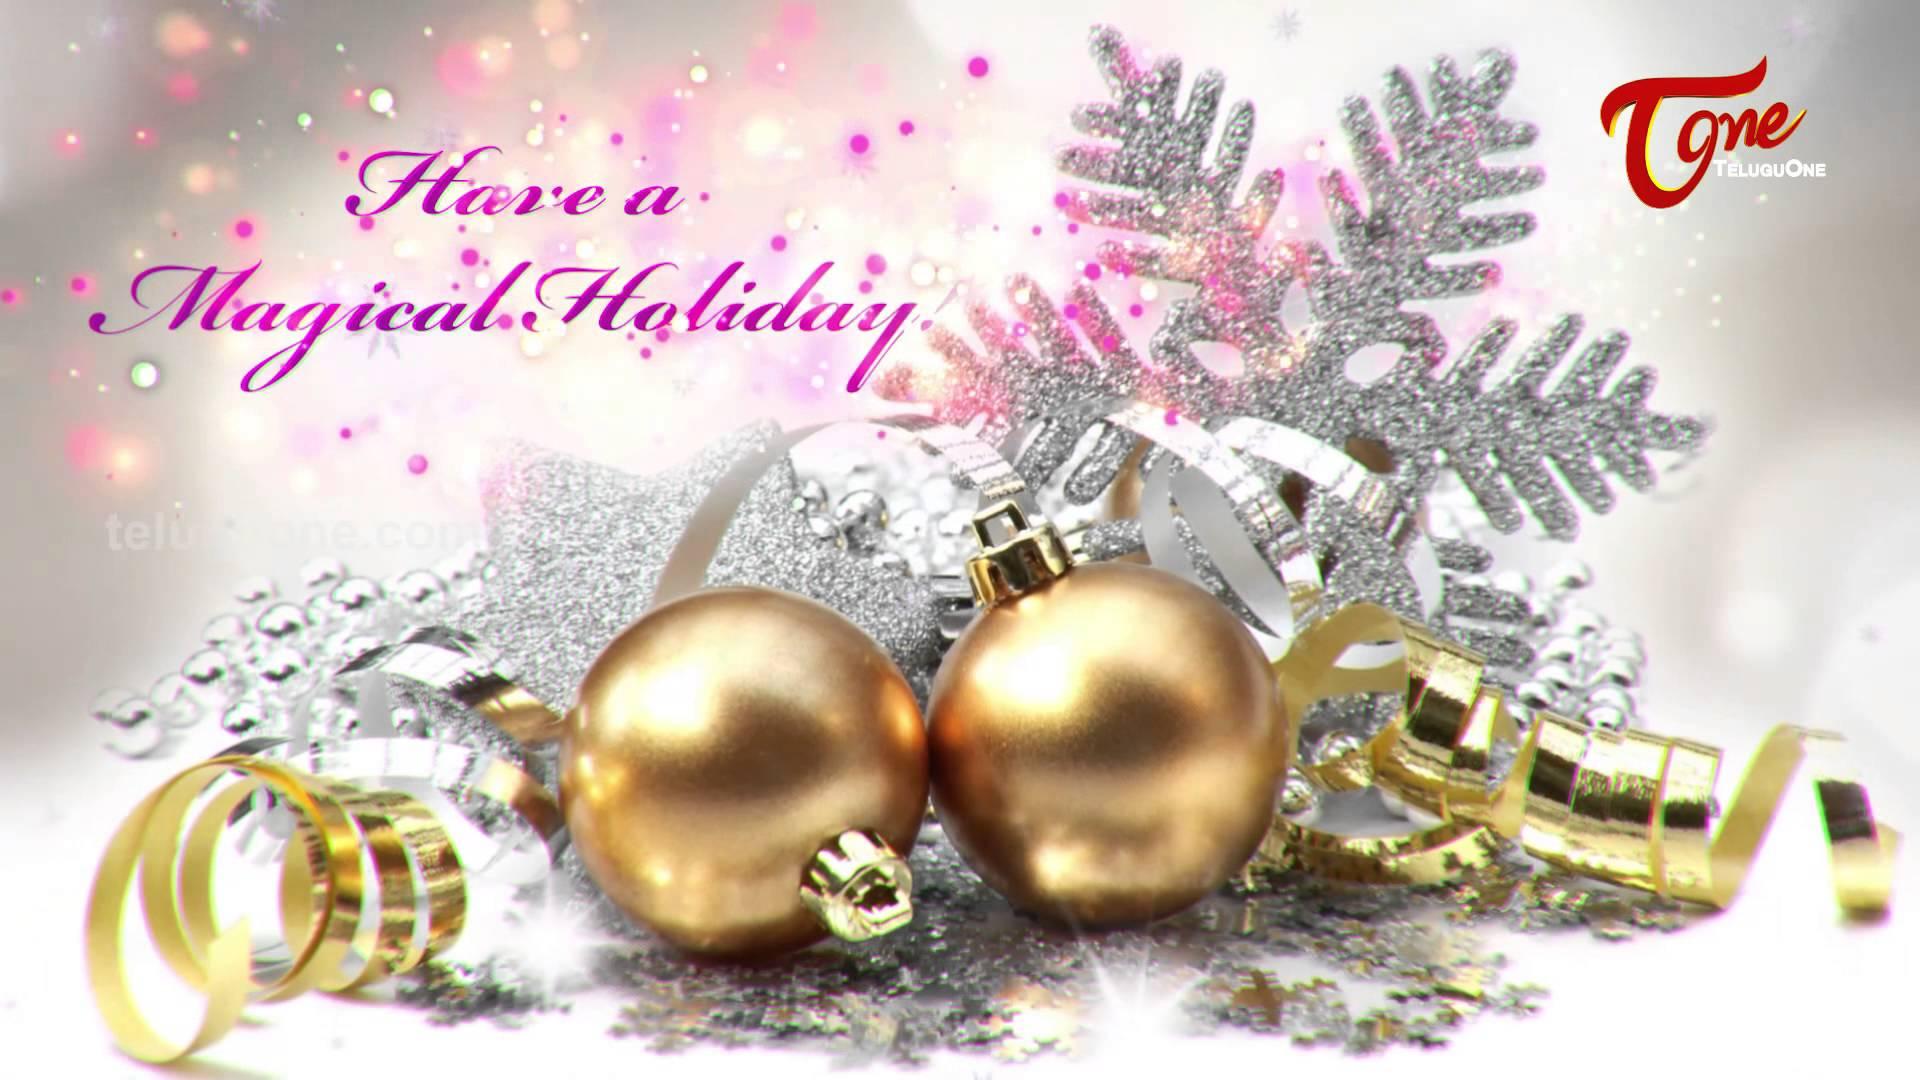 animated merry christmas greetings